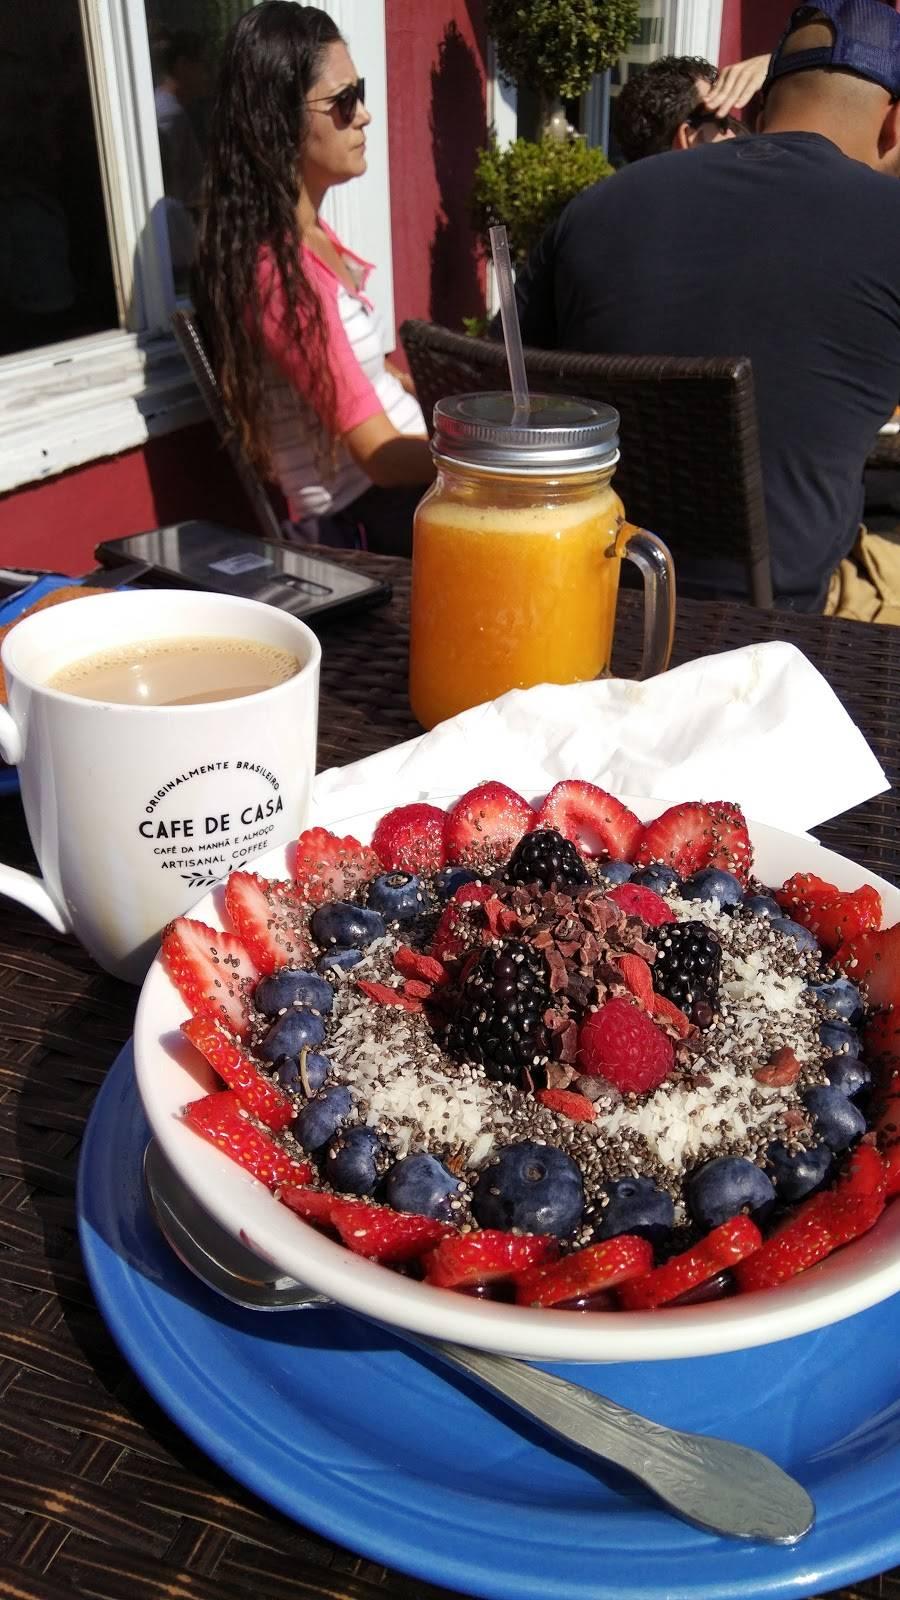 Cafe de Casa   cafe   2701 Leavenworth St, San Francisco, CA 94133, USA   4153451055 OR +1 415-345-1055